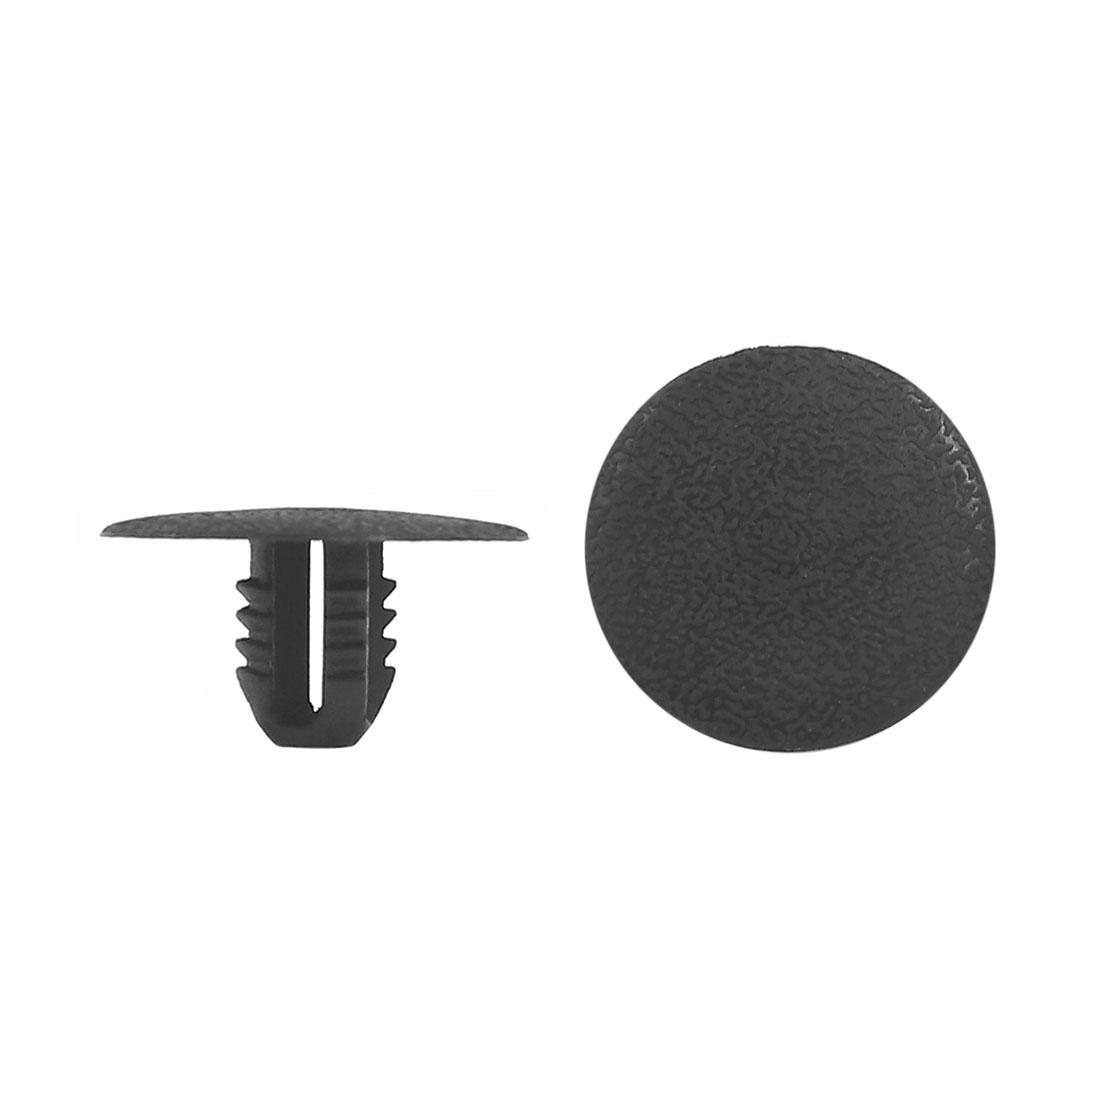 50pcs Black Plastic Rivets Retainer Clips 8mm x 13mm x 25mm for Car Door Fender